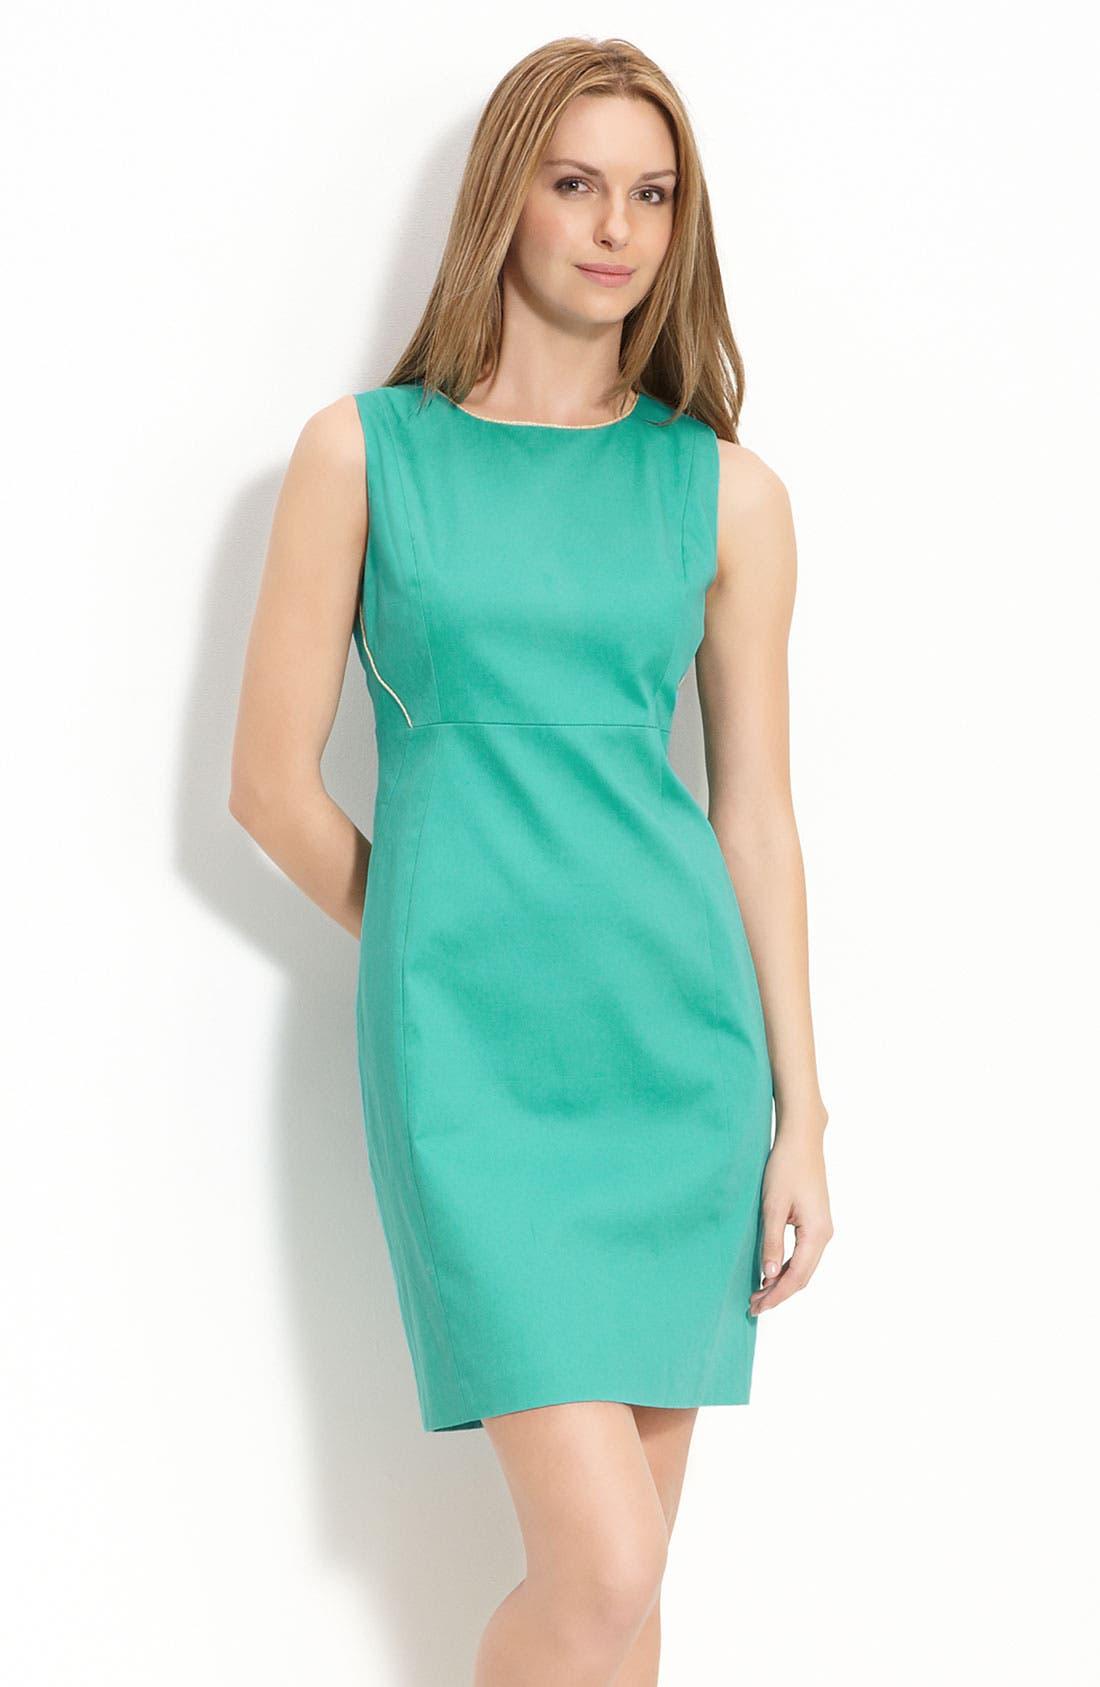 Alternate Image 1 Selected - T Tahari 'Cali' Dress